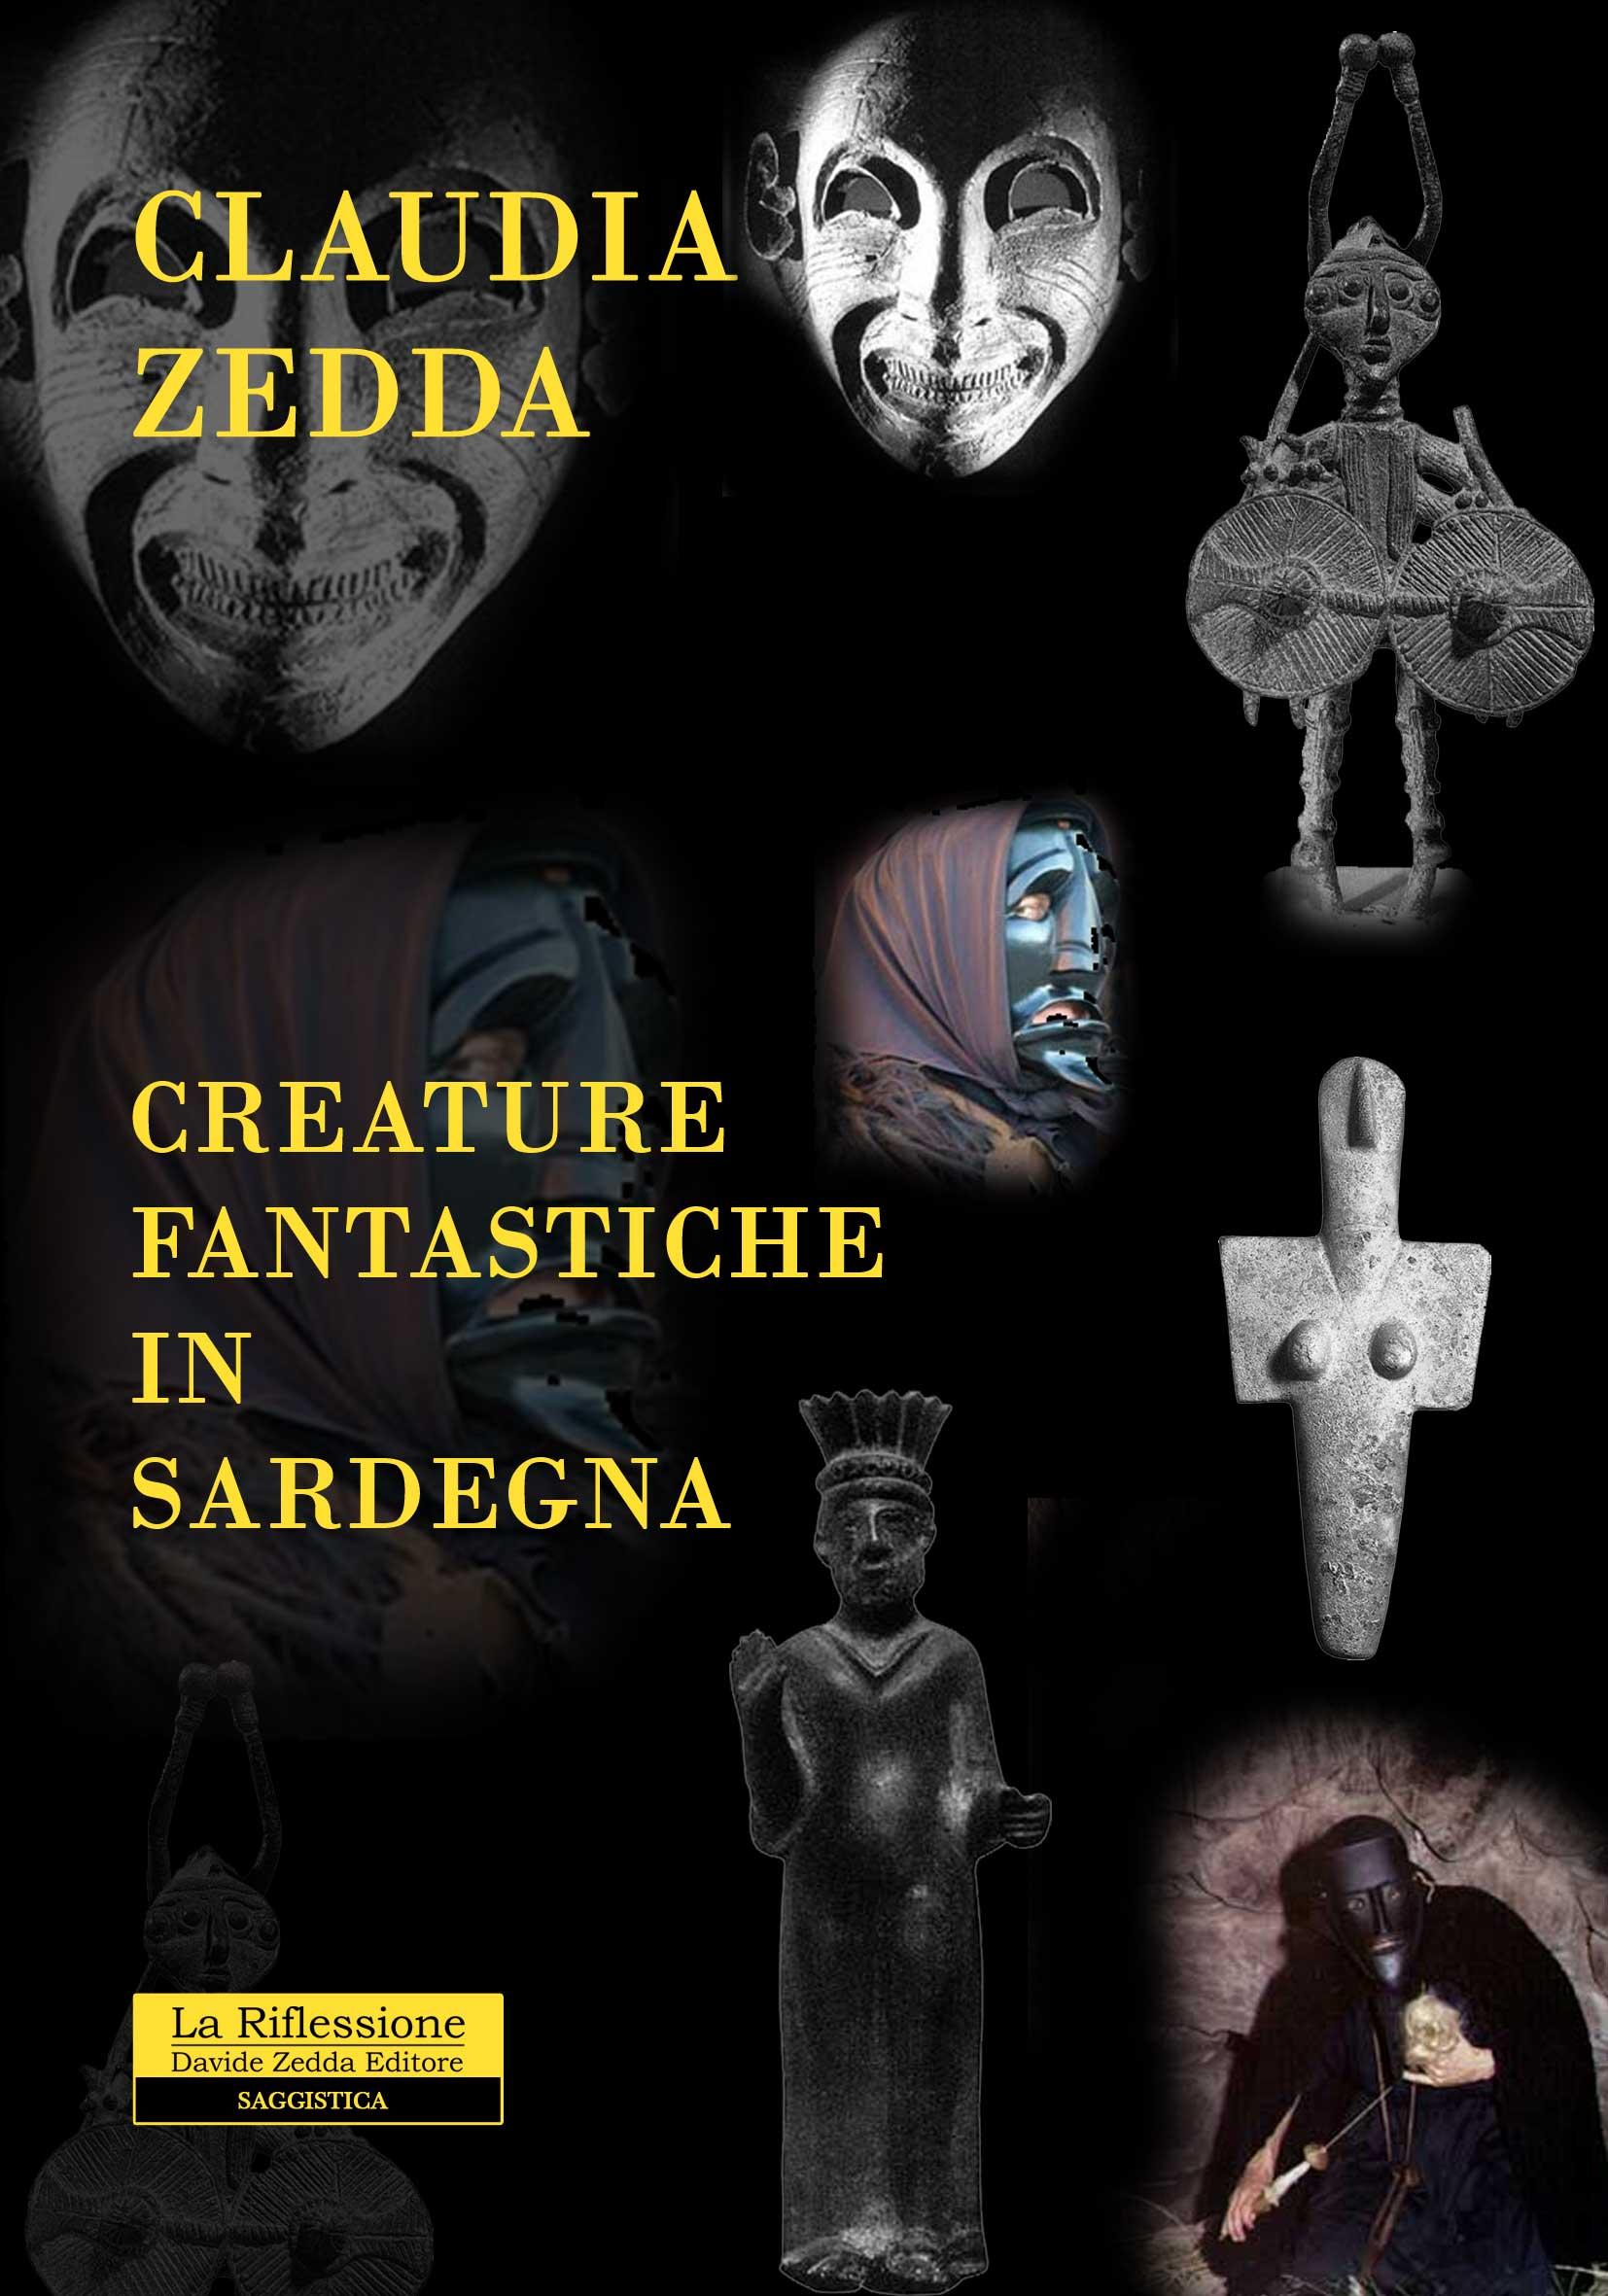 claudia-zedda2